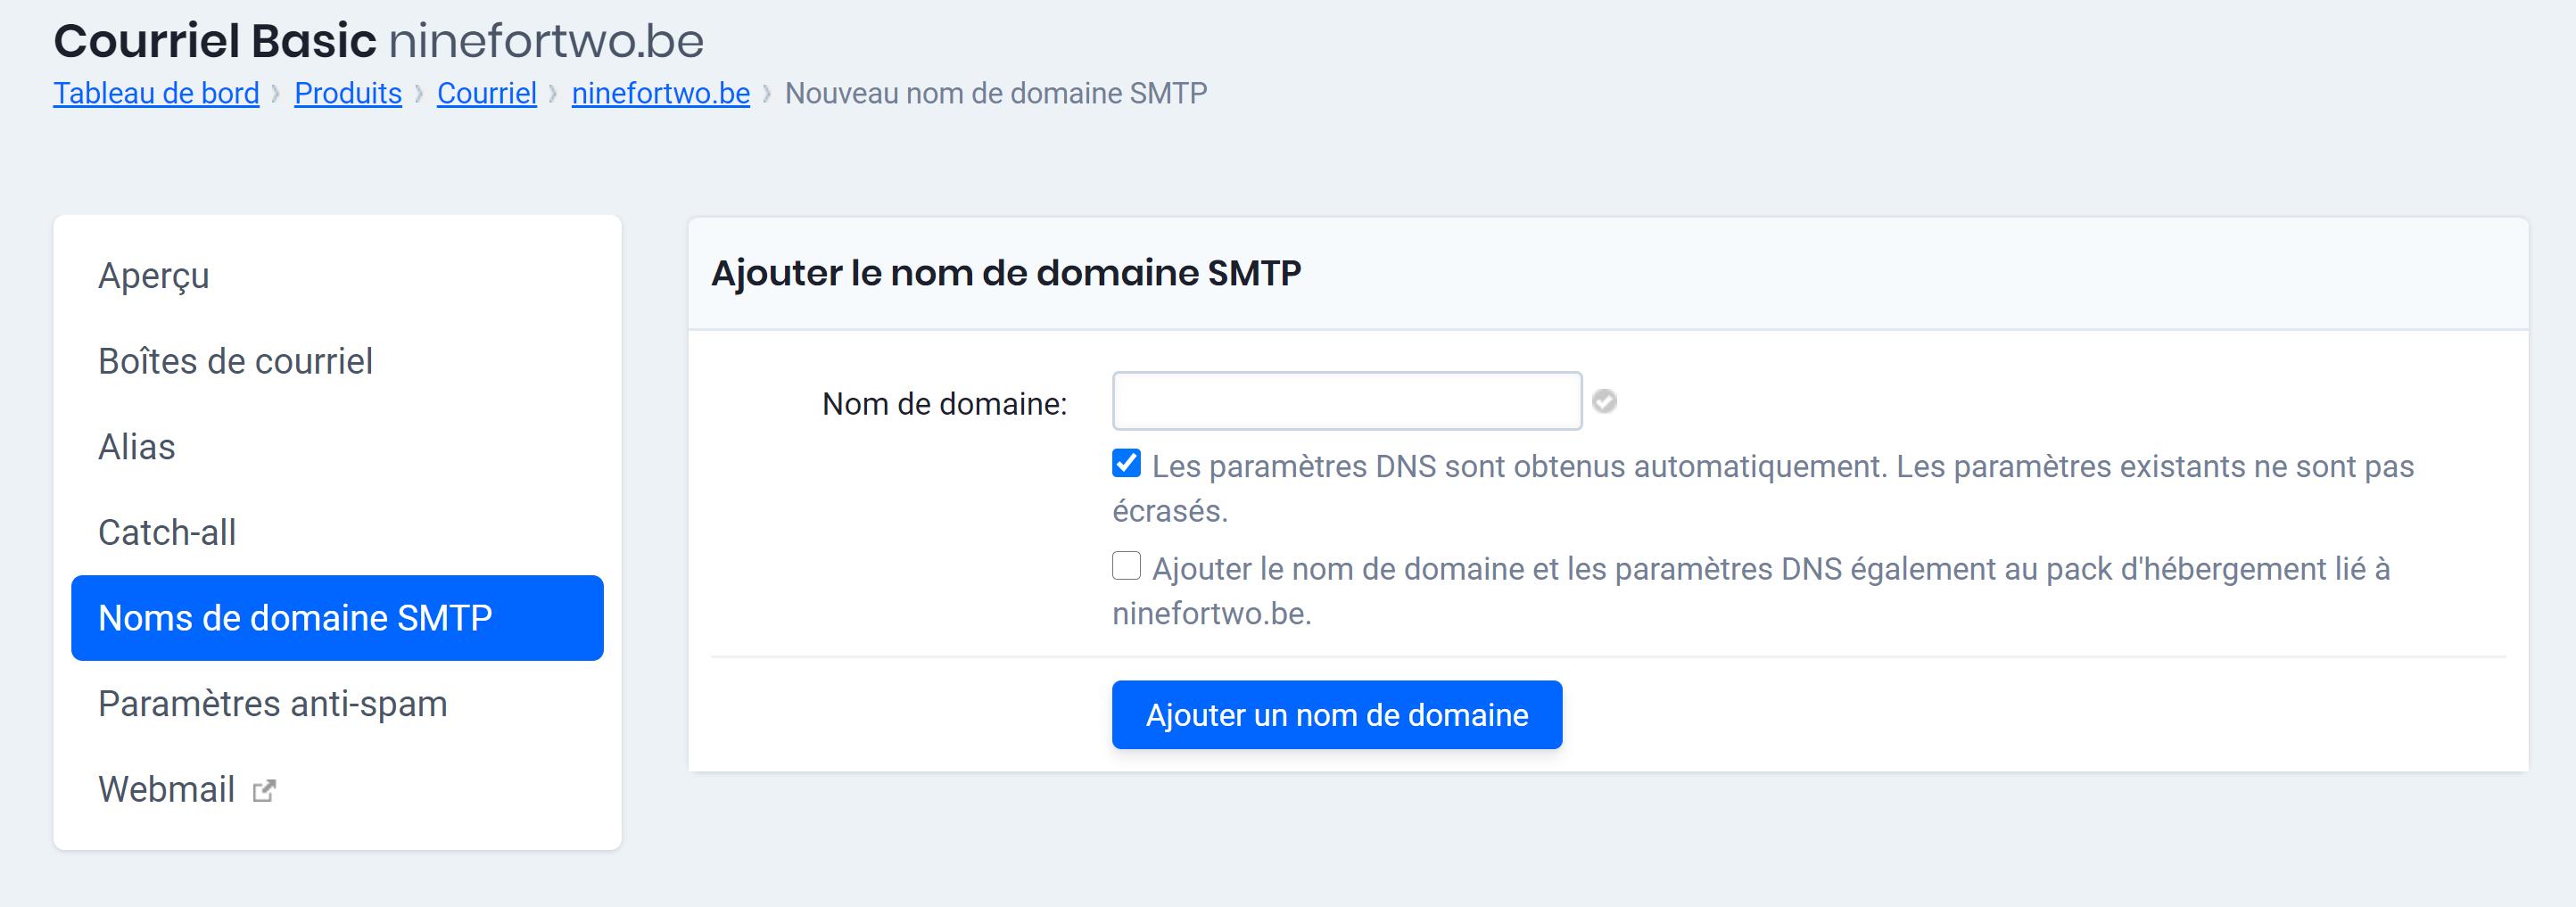 ajouter le nom de domaine SMTP